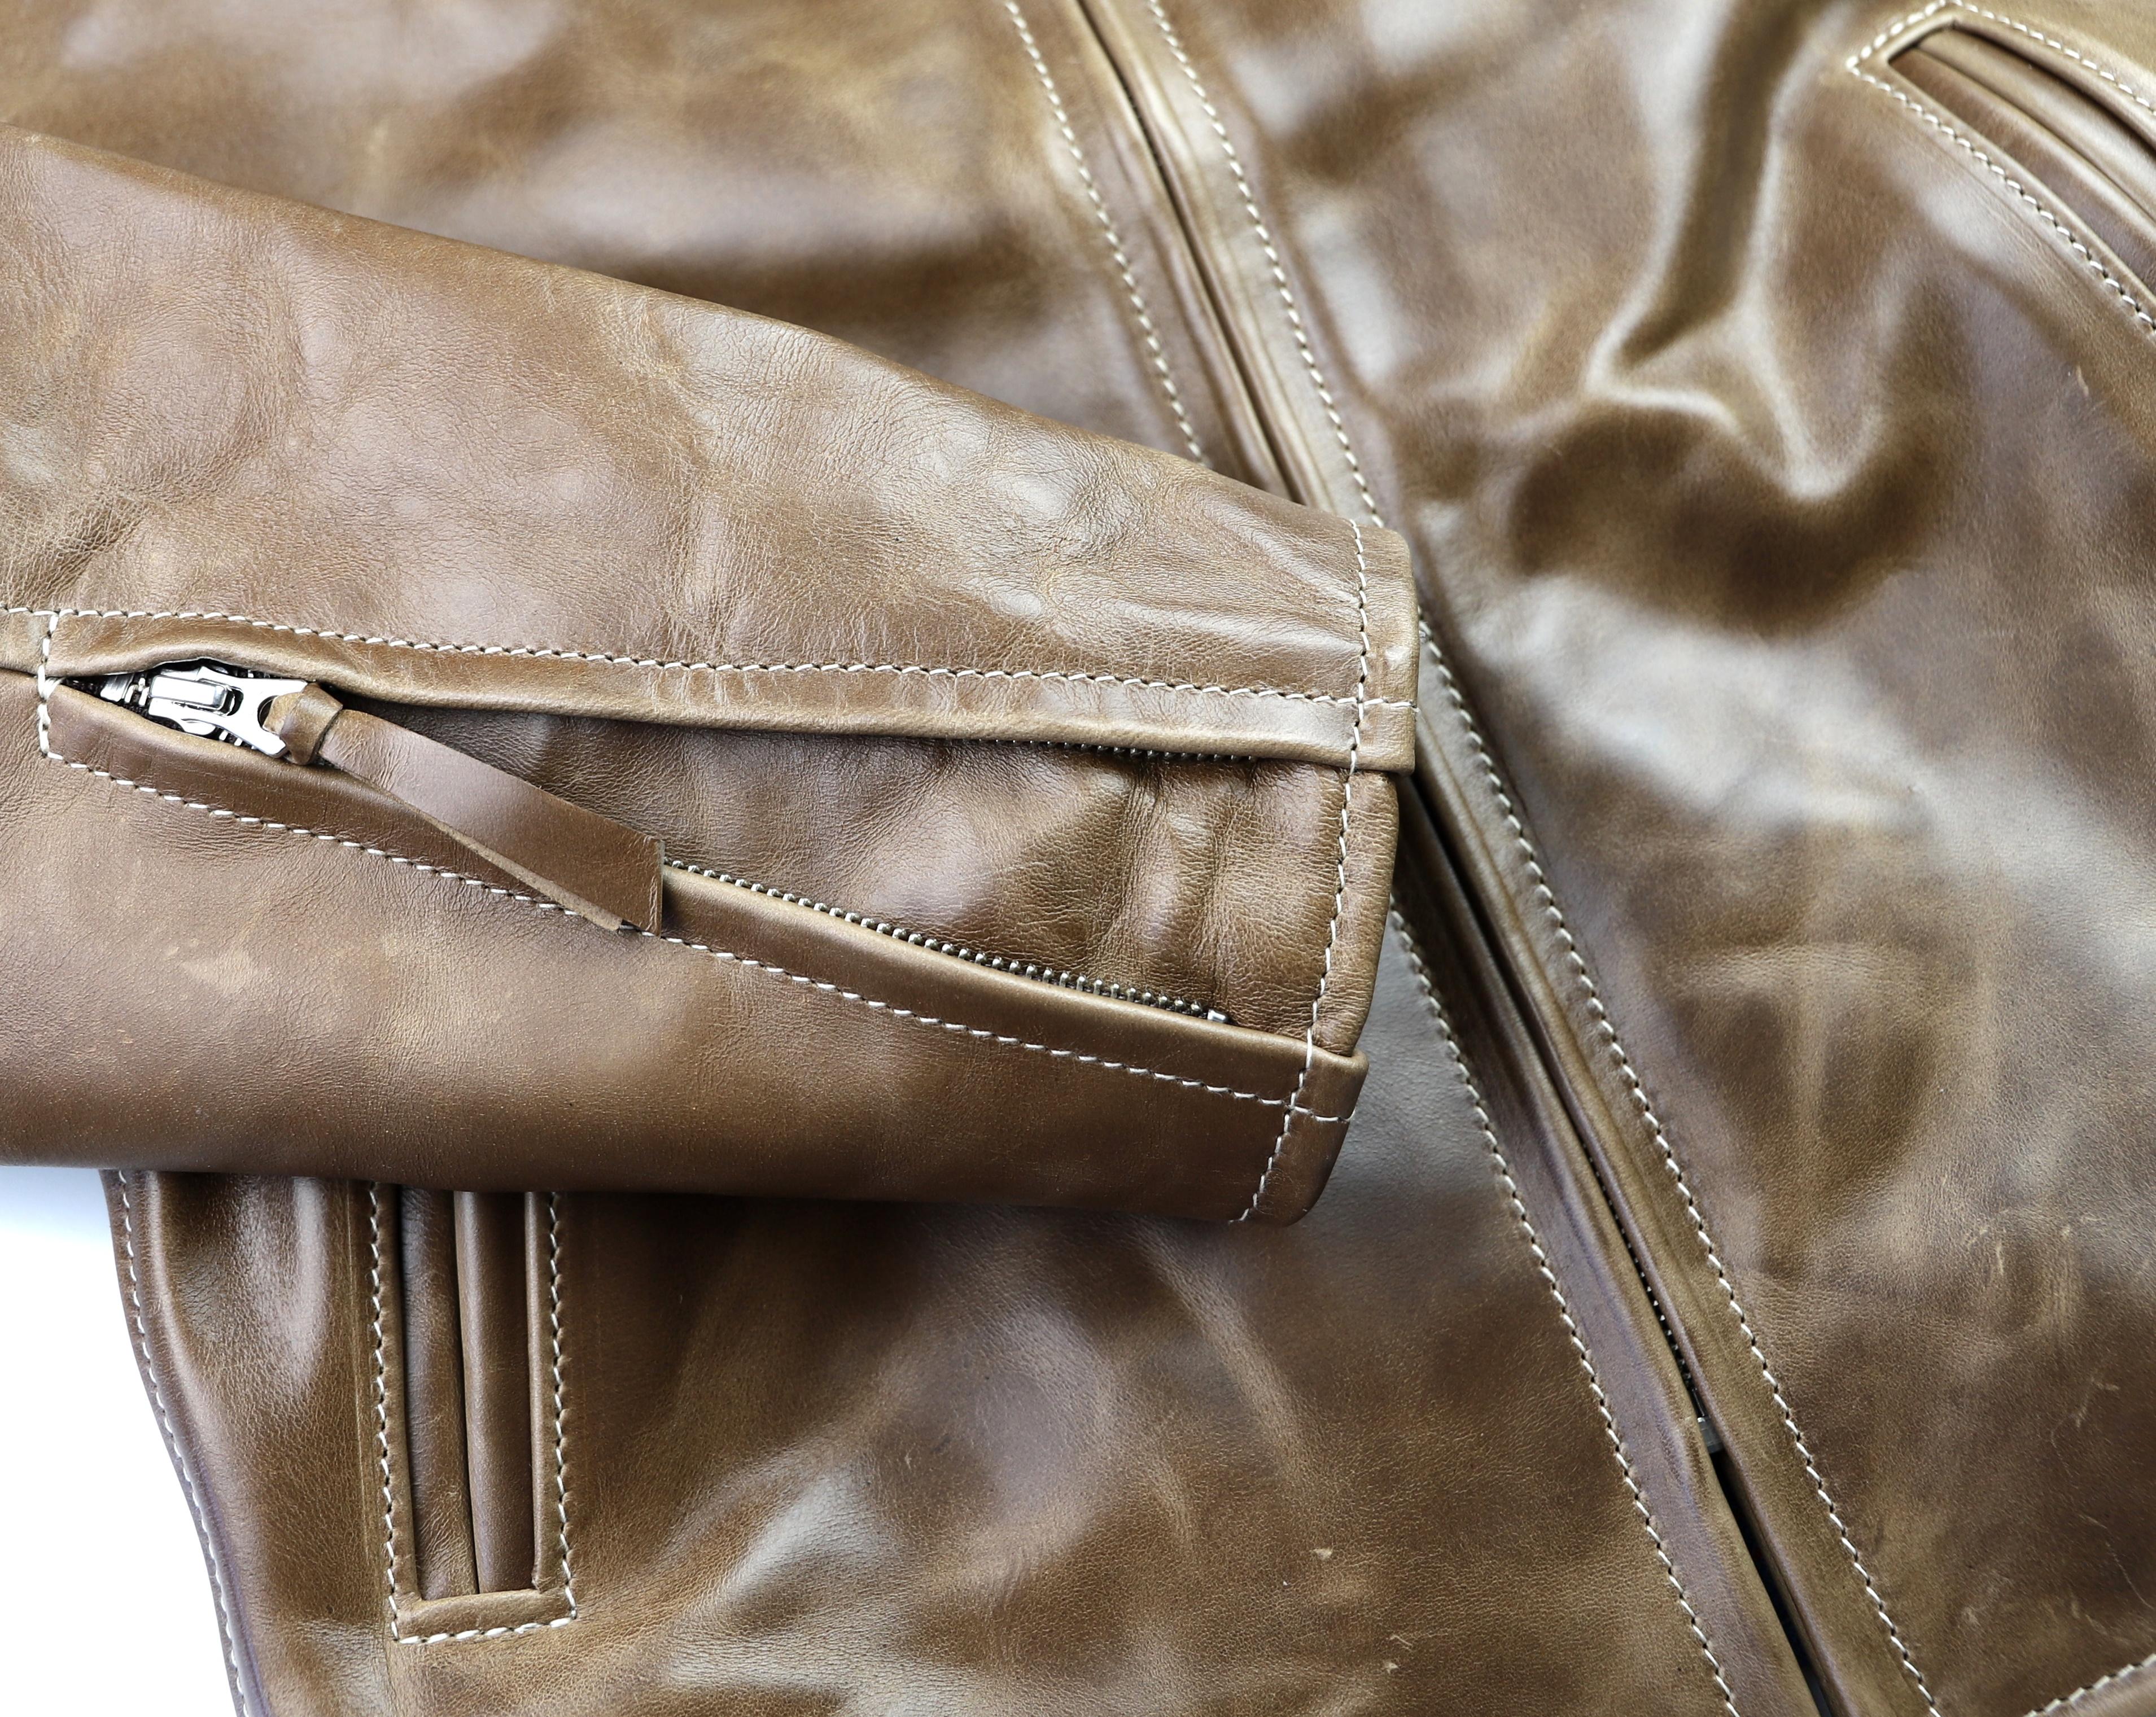 Aero Sheene Natural CXL FQHH XYR sleeve zipper.jpg